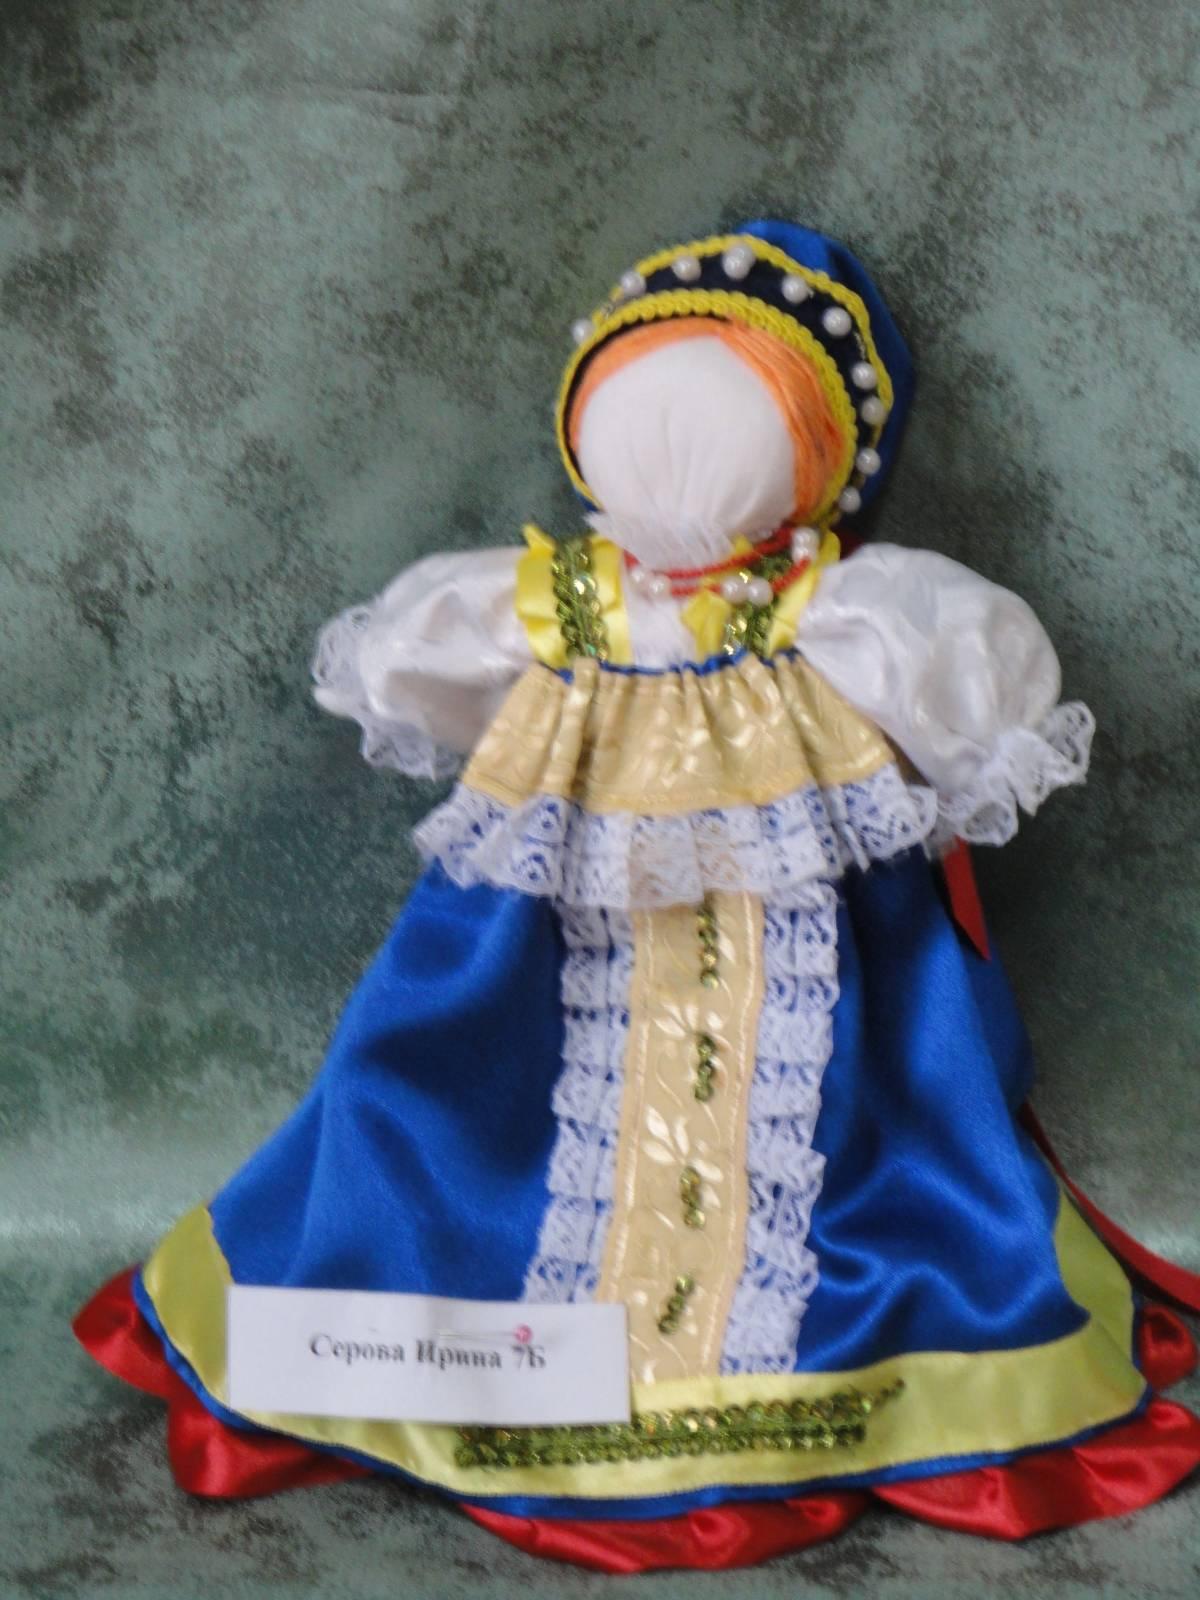 Куклы в народных костюмах своими руками из ткани 89